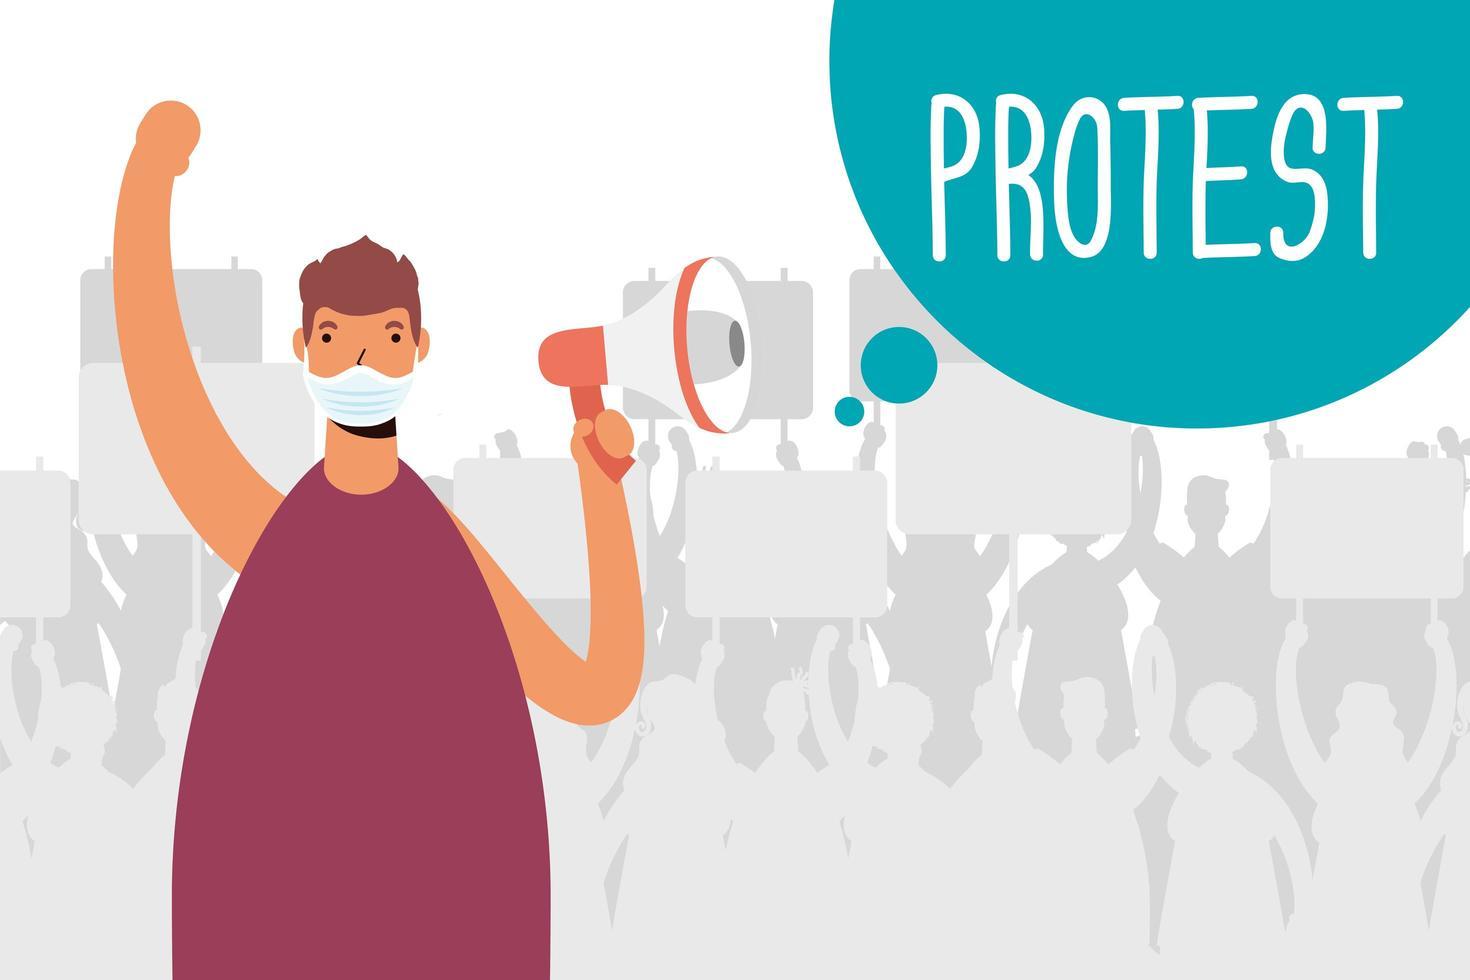 homem com máscara facial e megafone protestando vetor